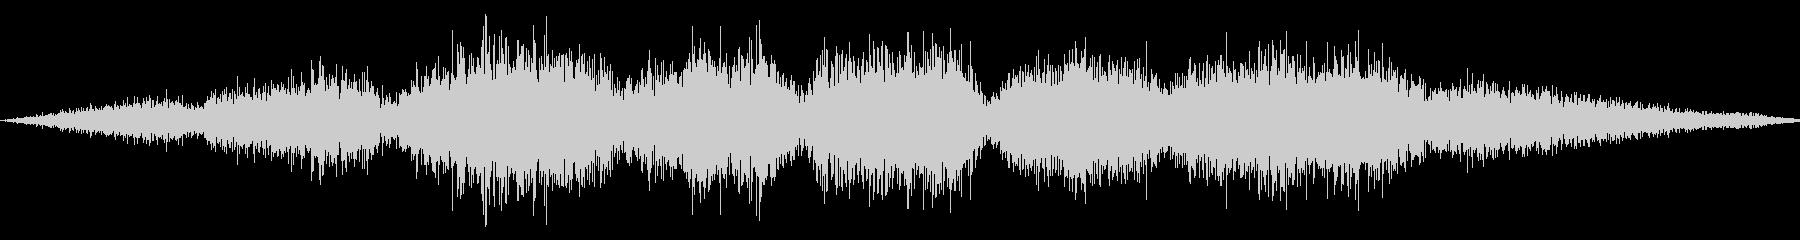 ゴシゴシ(たわしやモップで掃除する音)2の未再生の波形